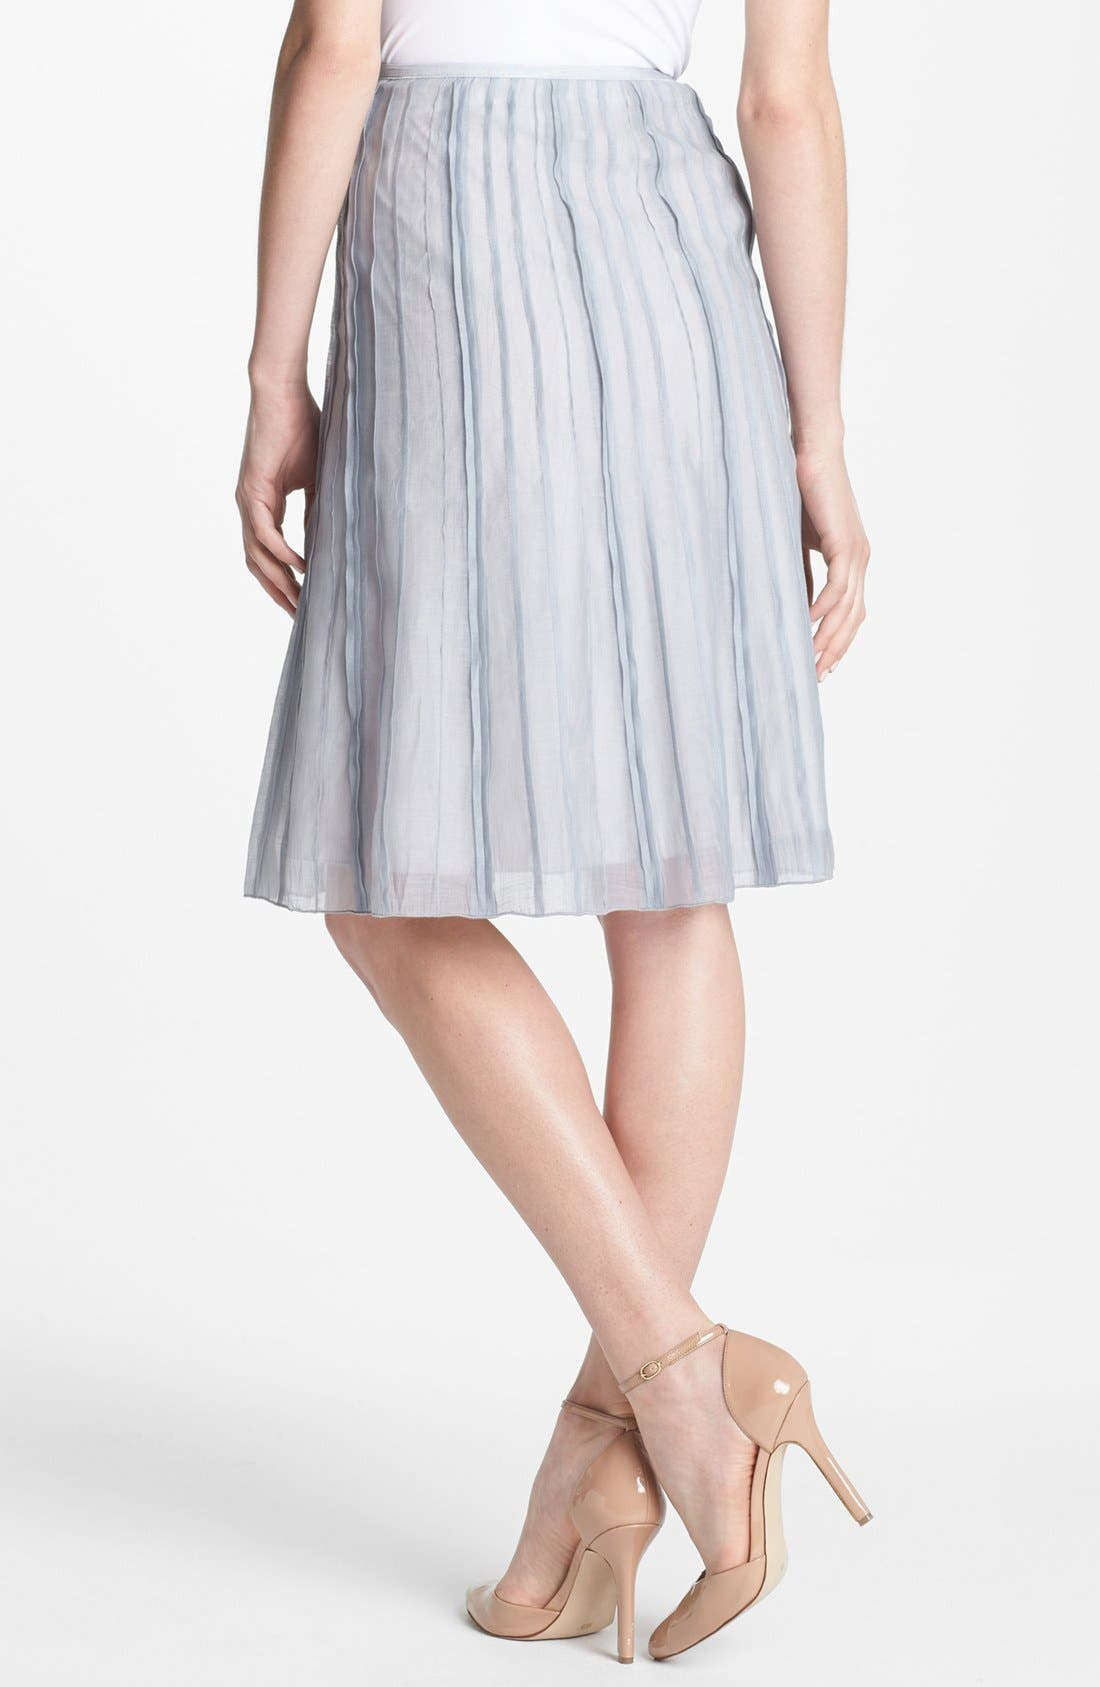 NIC+ZOE, Nic + Zoe 'Batiste' Flared Skirt, Alternate thumbnail 2, color, 041